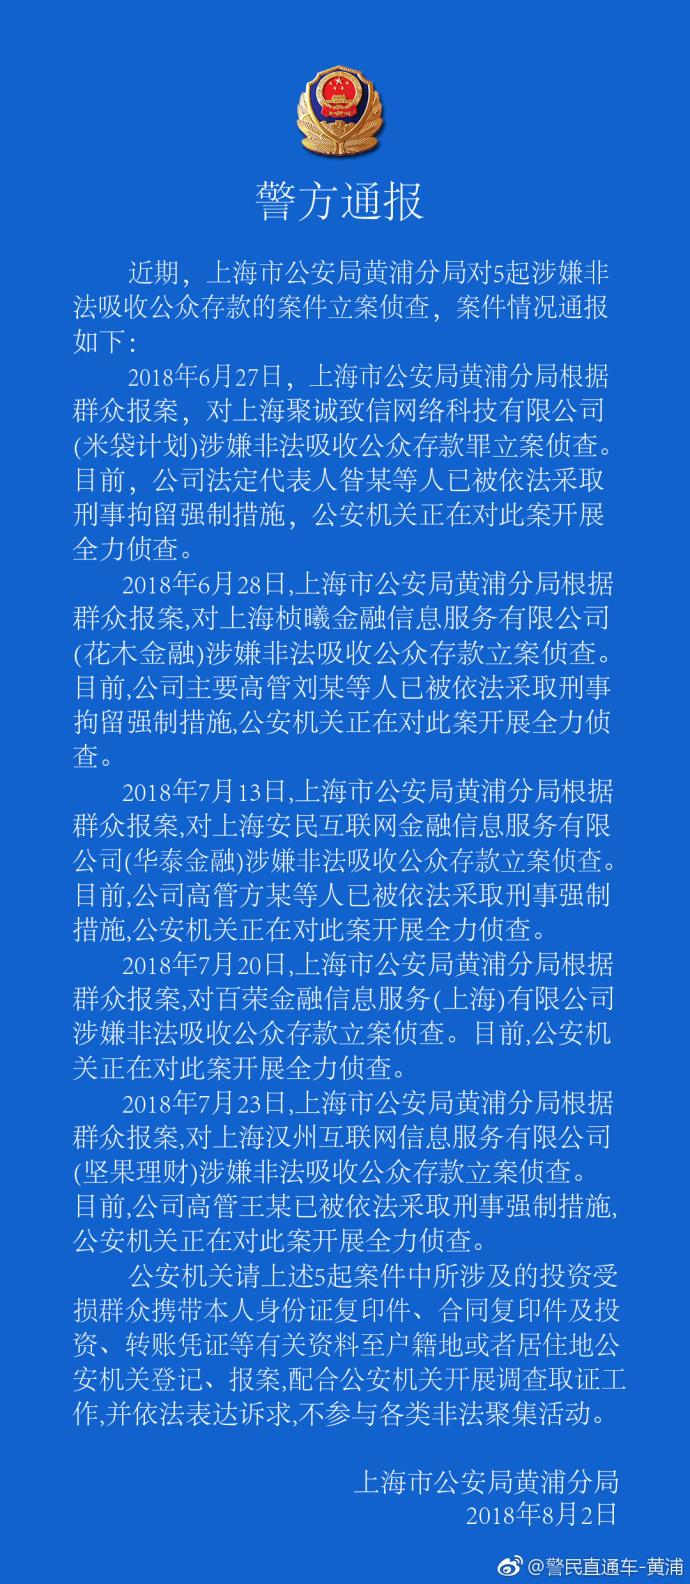 上海警方展开P2P行业大搜查 将对华泰金融等立案侦查